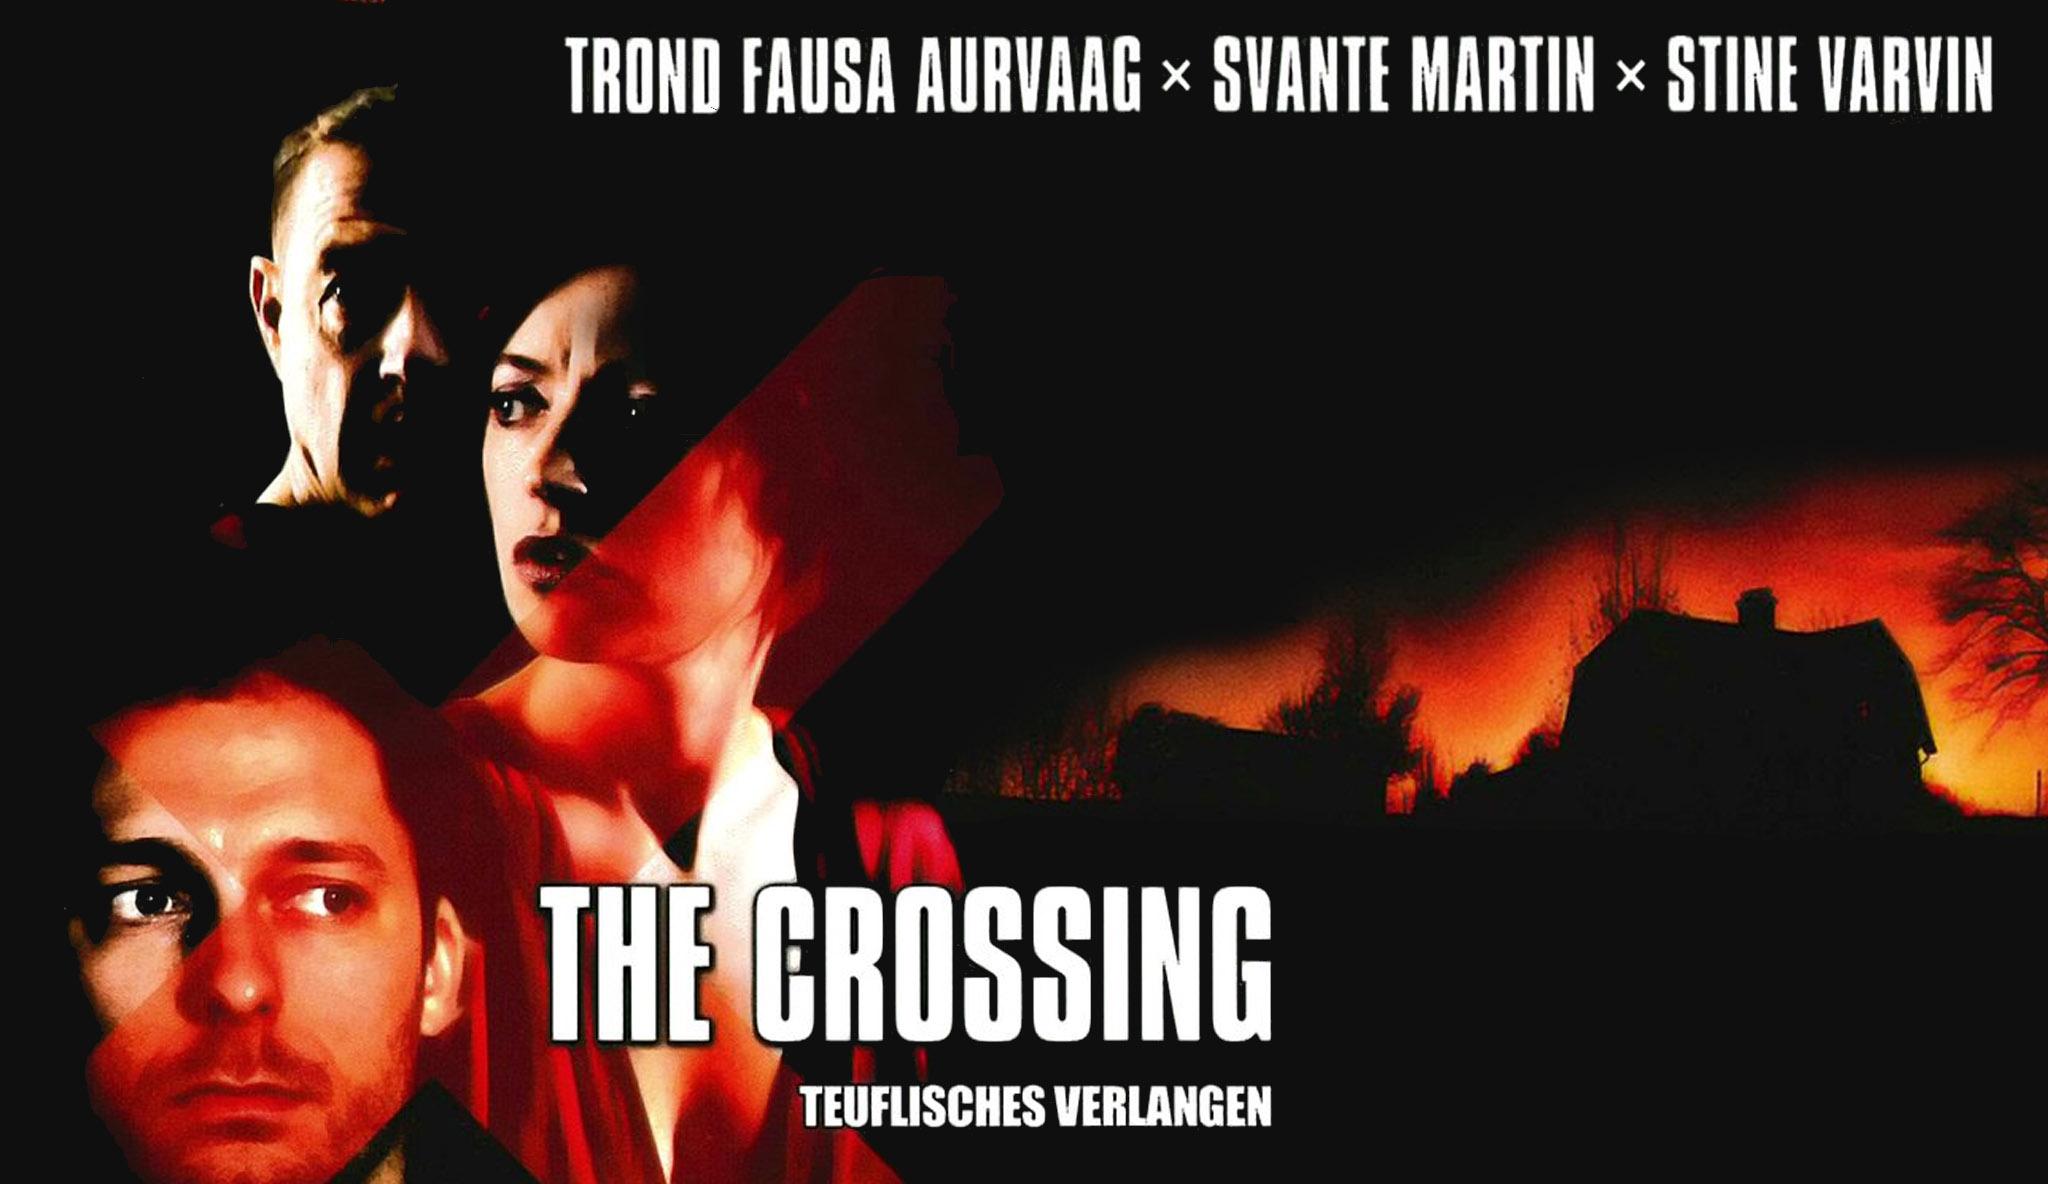 the-crossing-teuflisches-verlangen\header.jpg